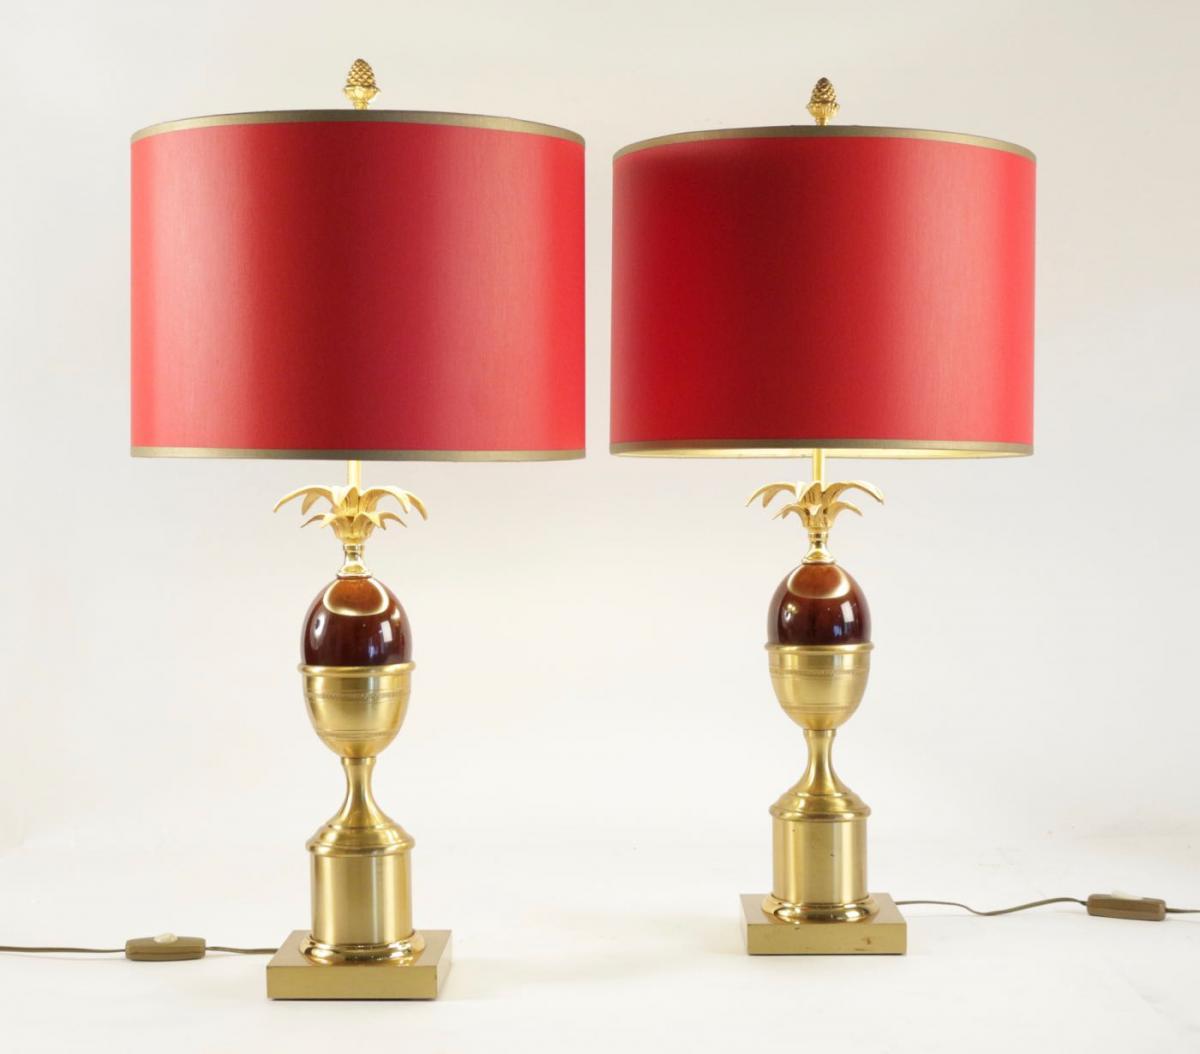 Paire De Lampes Des Années 1960 En Laiton Et Résine De Couleur Rouge Dans Le Goût De Charles.